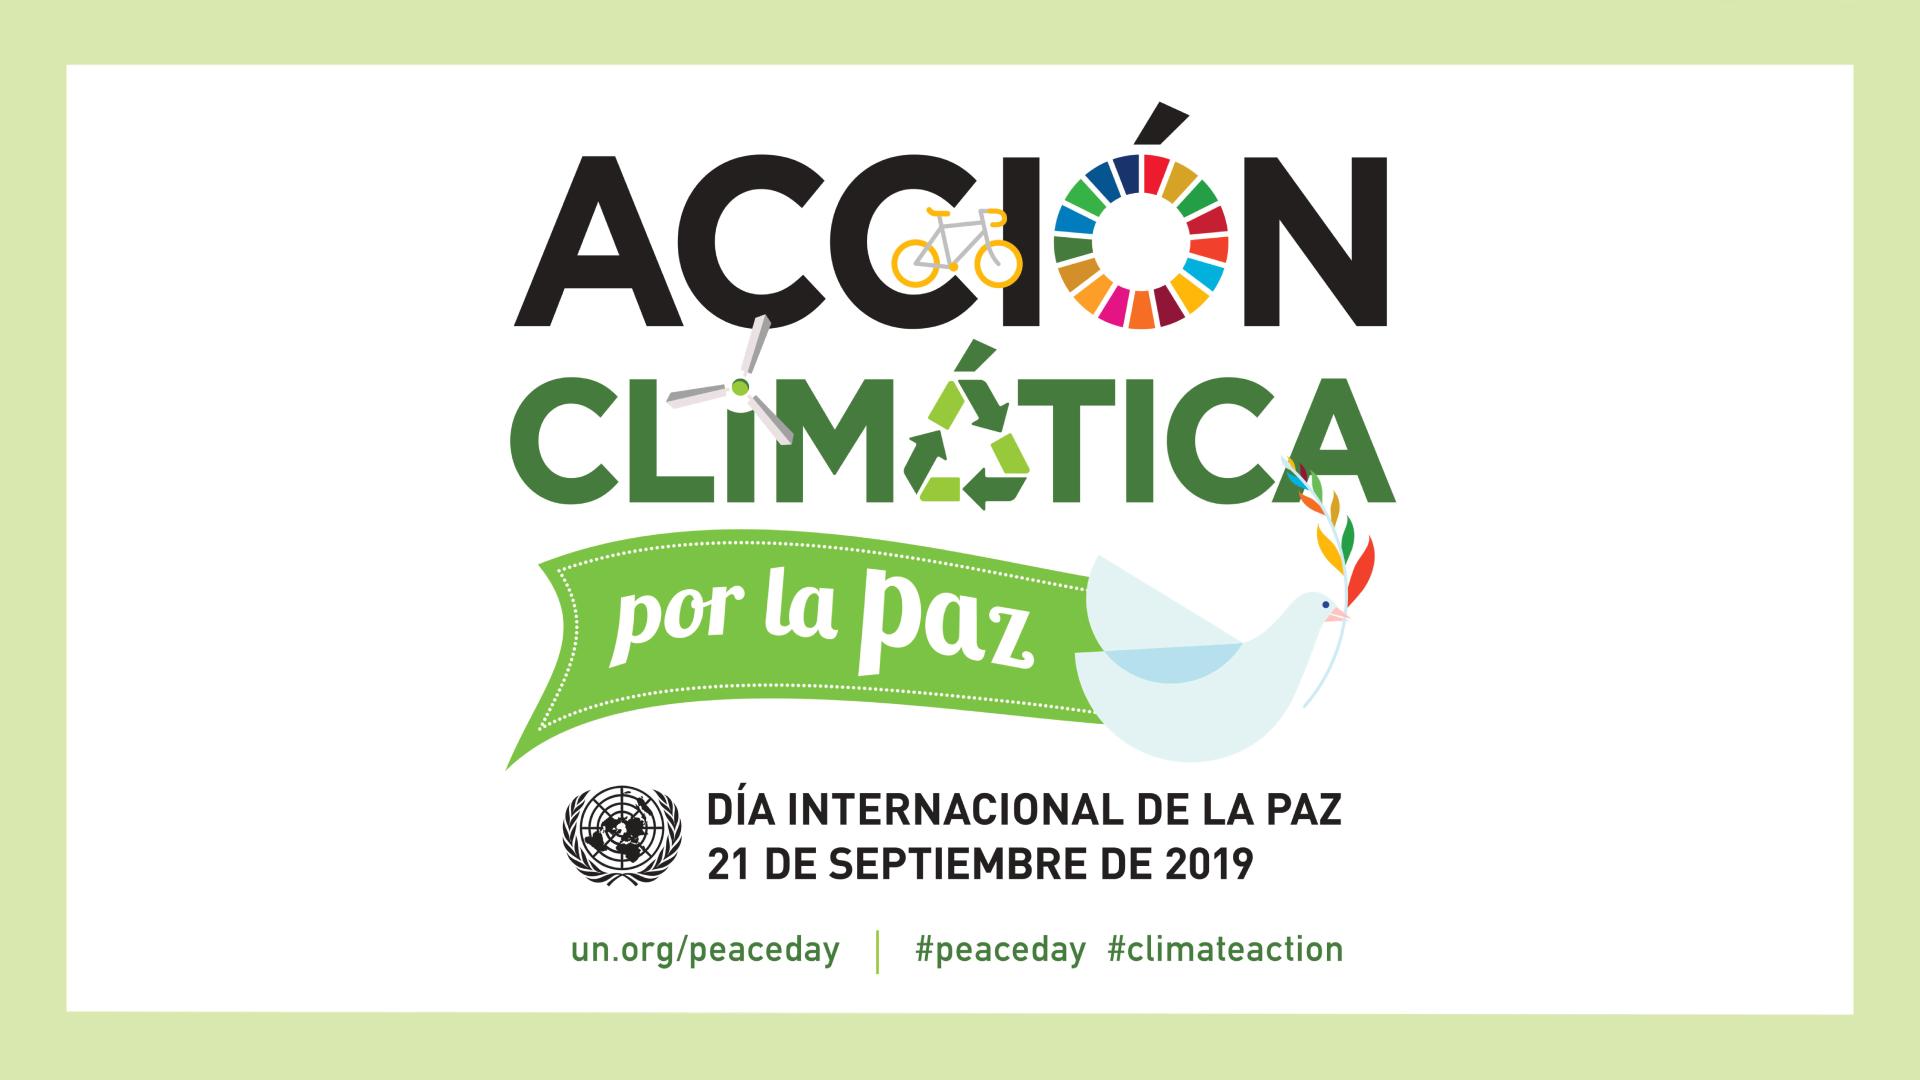 Acción climática por la paz